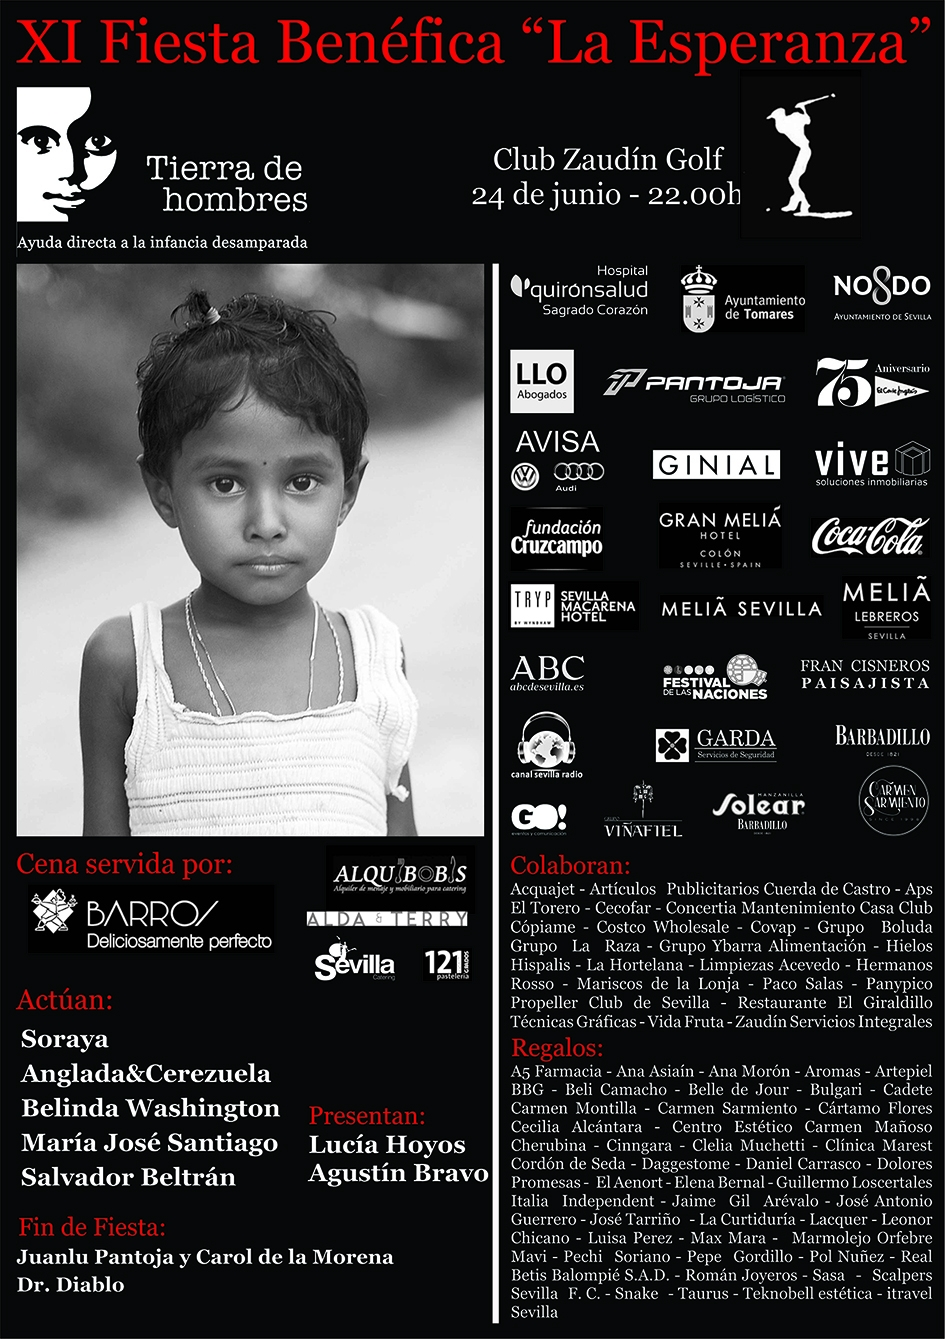 Tierra de hombres celebra el viernes 24 la  XI edición de la «Fiesta de la Esperanza» para ayudar a la infancia más necesitada